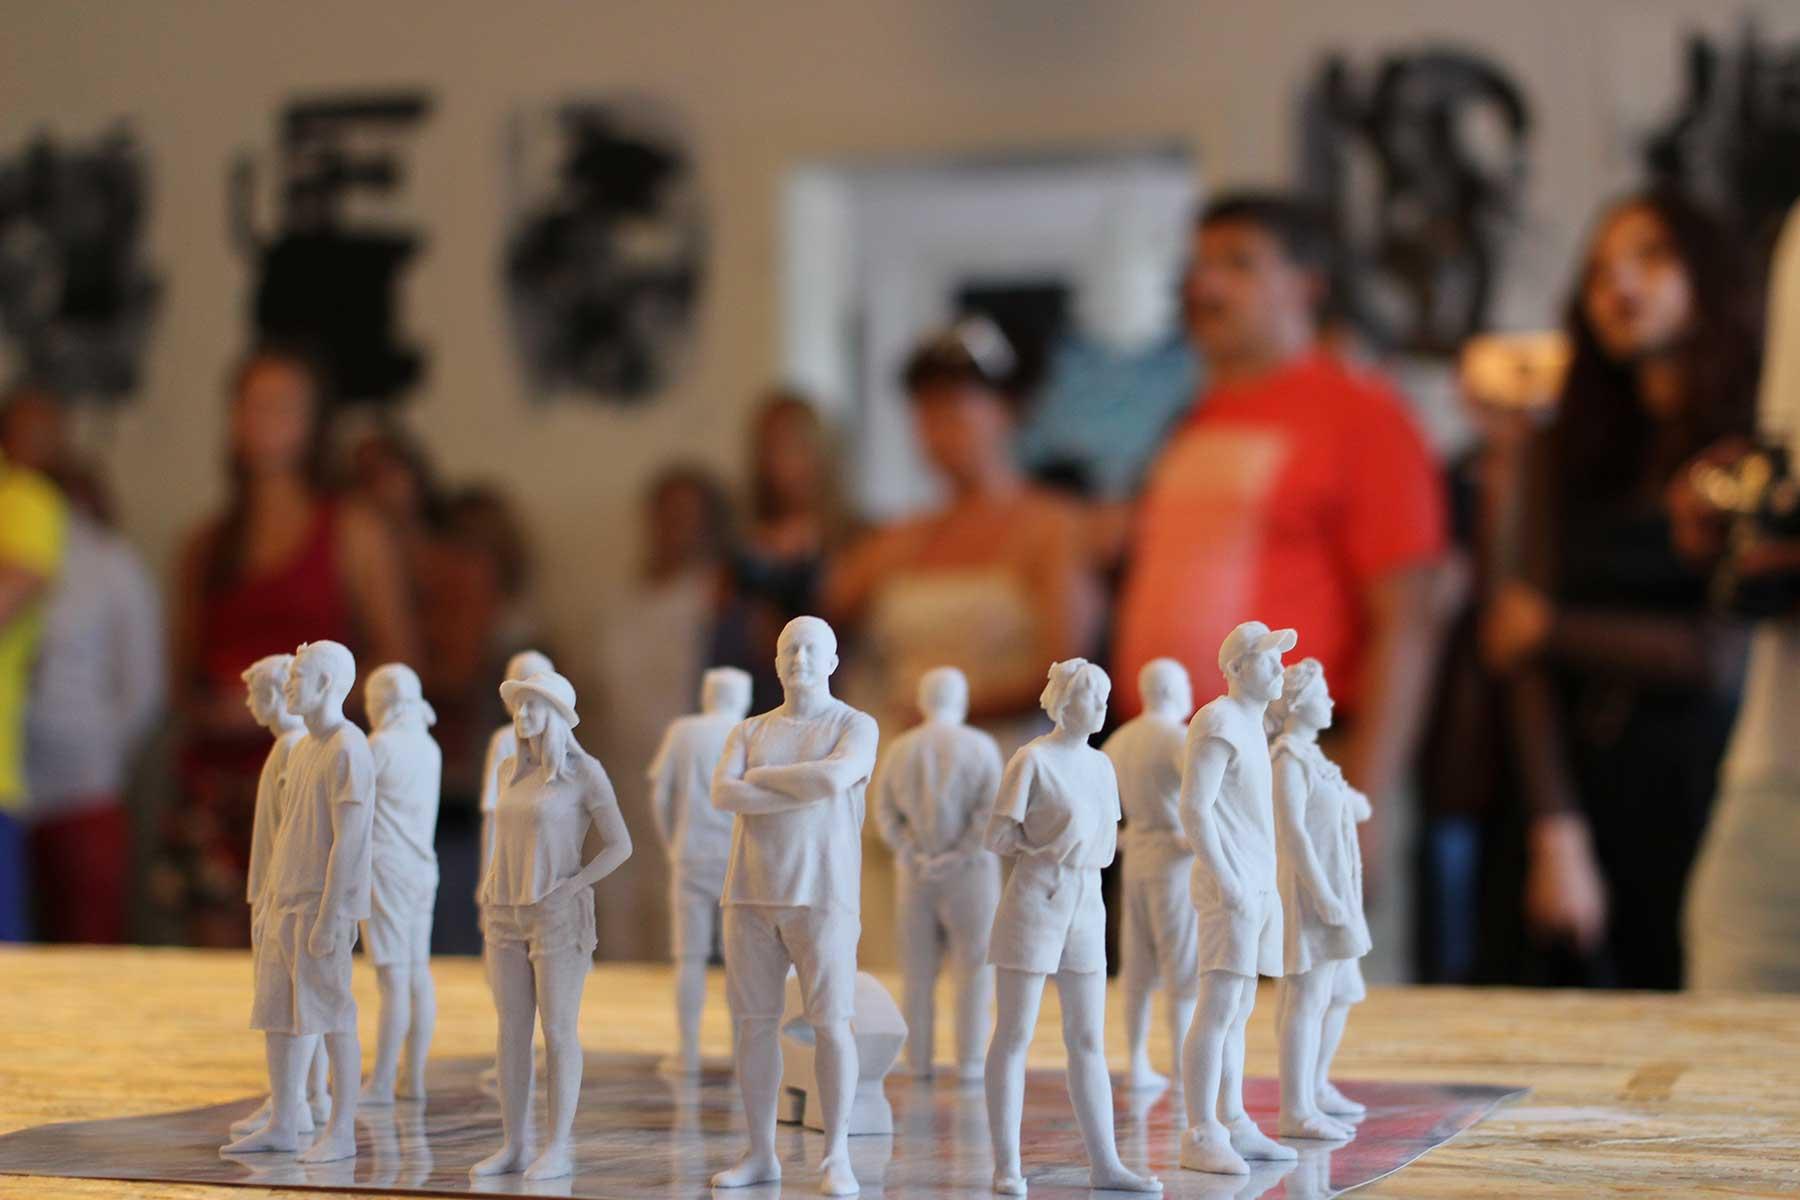 Павла Нікітіна (PavlaNikitina) та Йіржи Пец (Jiří Pec), «Було», скульптурний 3D репортаж, 40 х 40 х 15 см., 2019